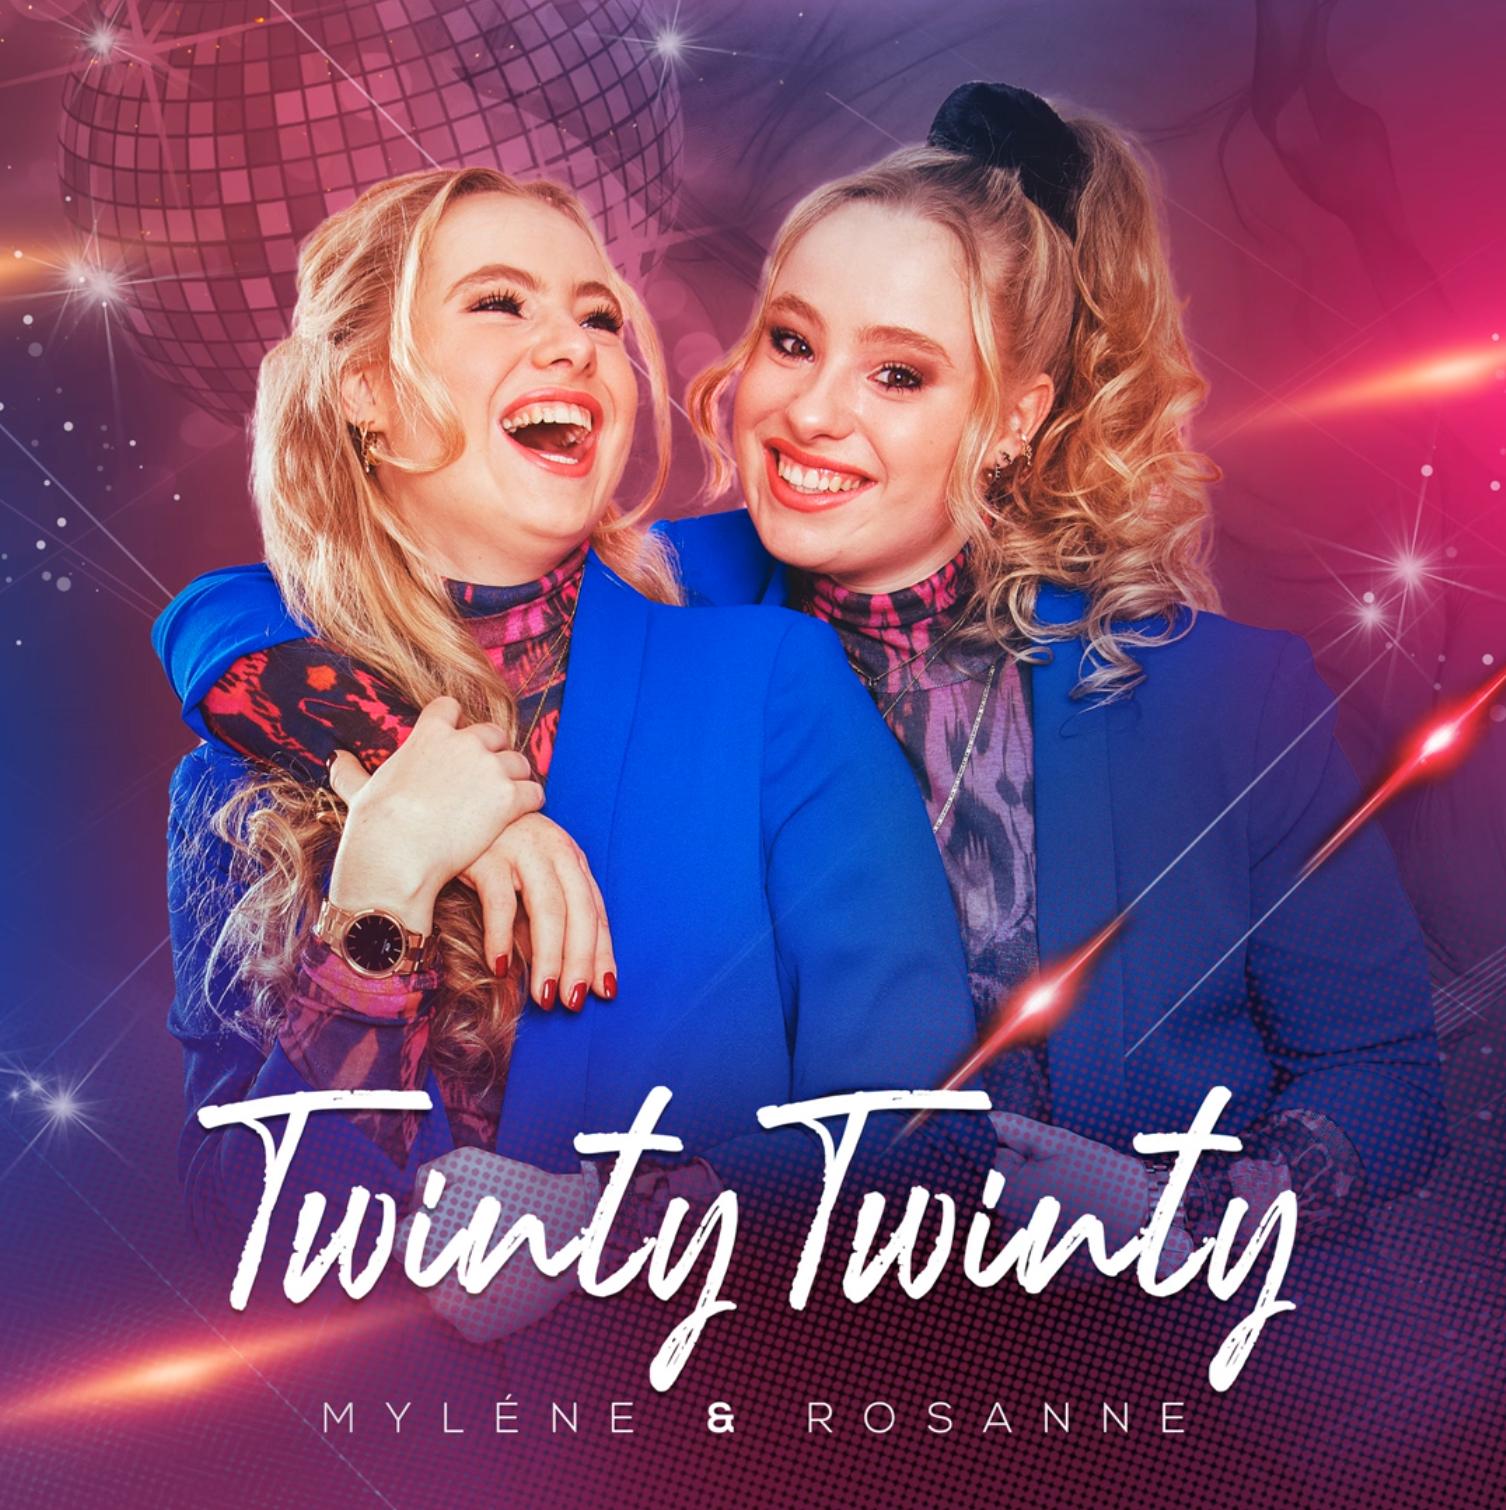 Mylene & Rosanne – TWiNTY TWiNTY